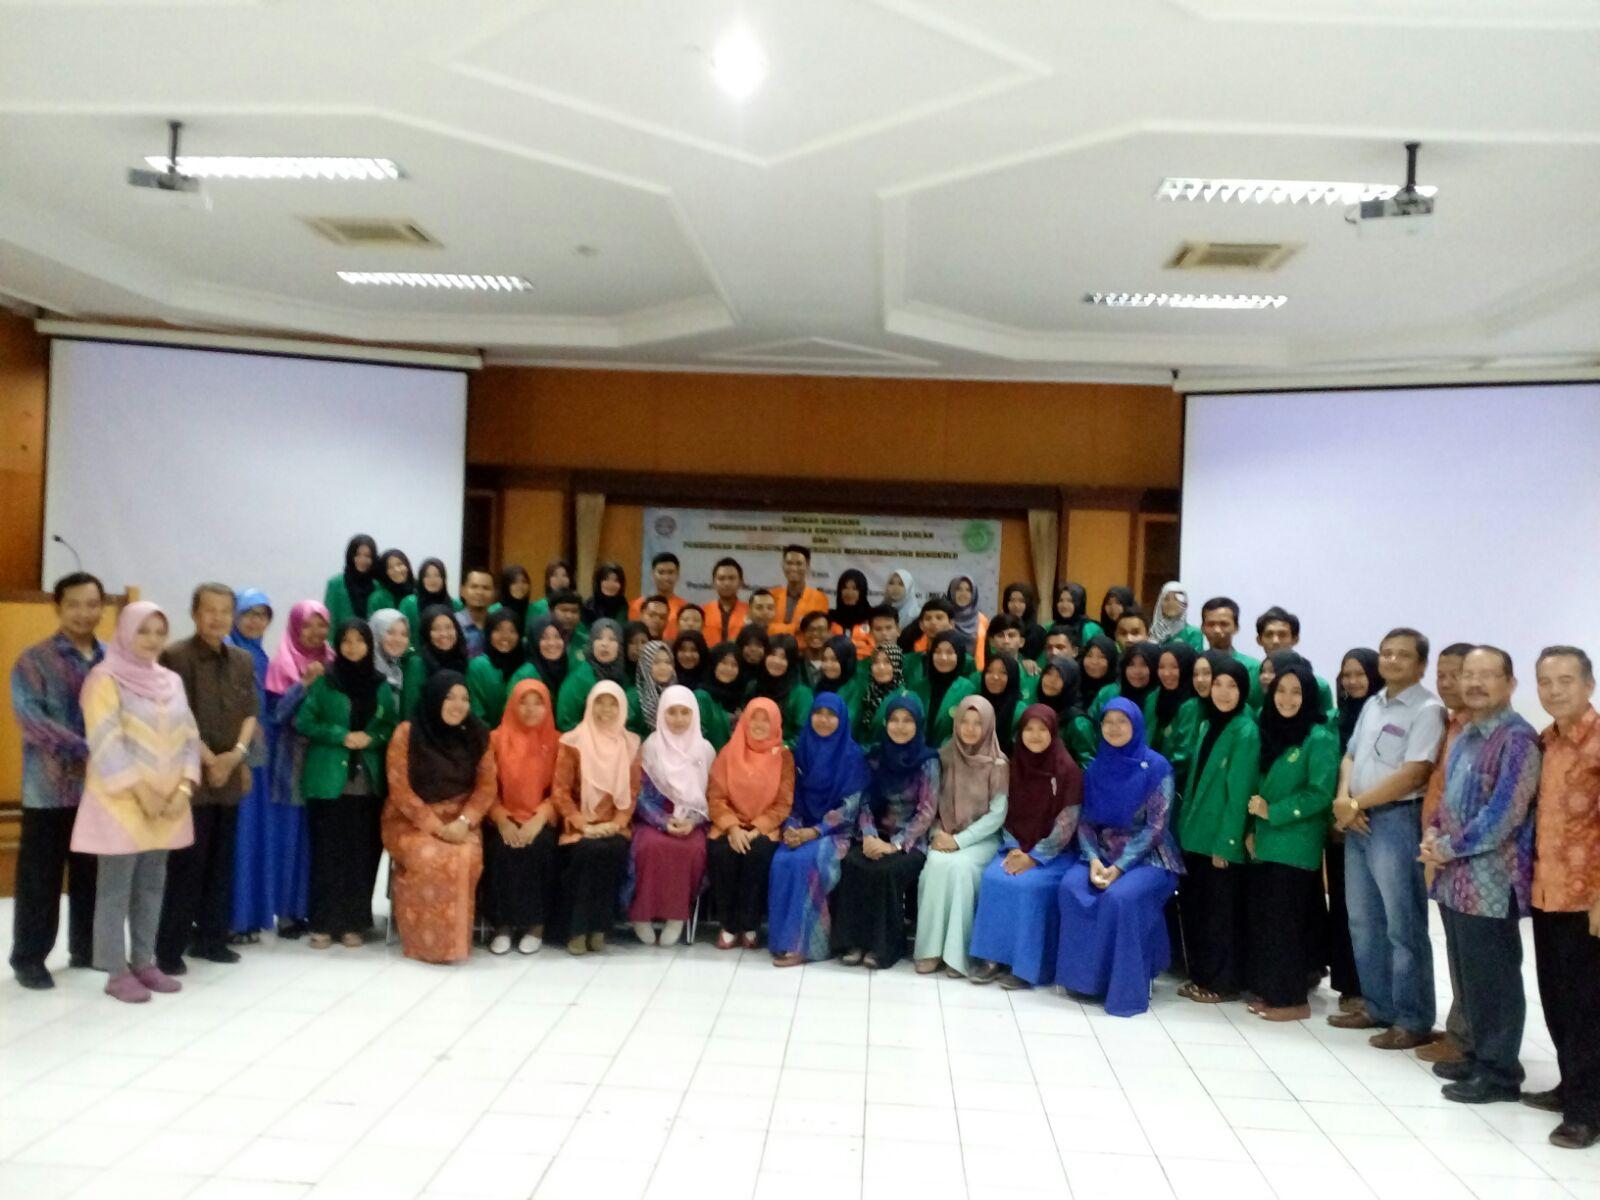 Pendidikan Matematika UAD pada hari Sabtu, 30 Januari 2016 kedatangan rombongan dosen dan mahasiswa Pendidikan Matematika dari Universitas Muhammadiyah Bengkulu. Kunjungan dilakukan dalam rangka 'Outdoor Mathematics' sebagai bagian dari mata […]